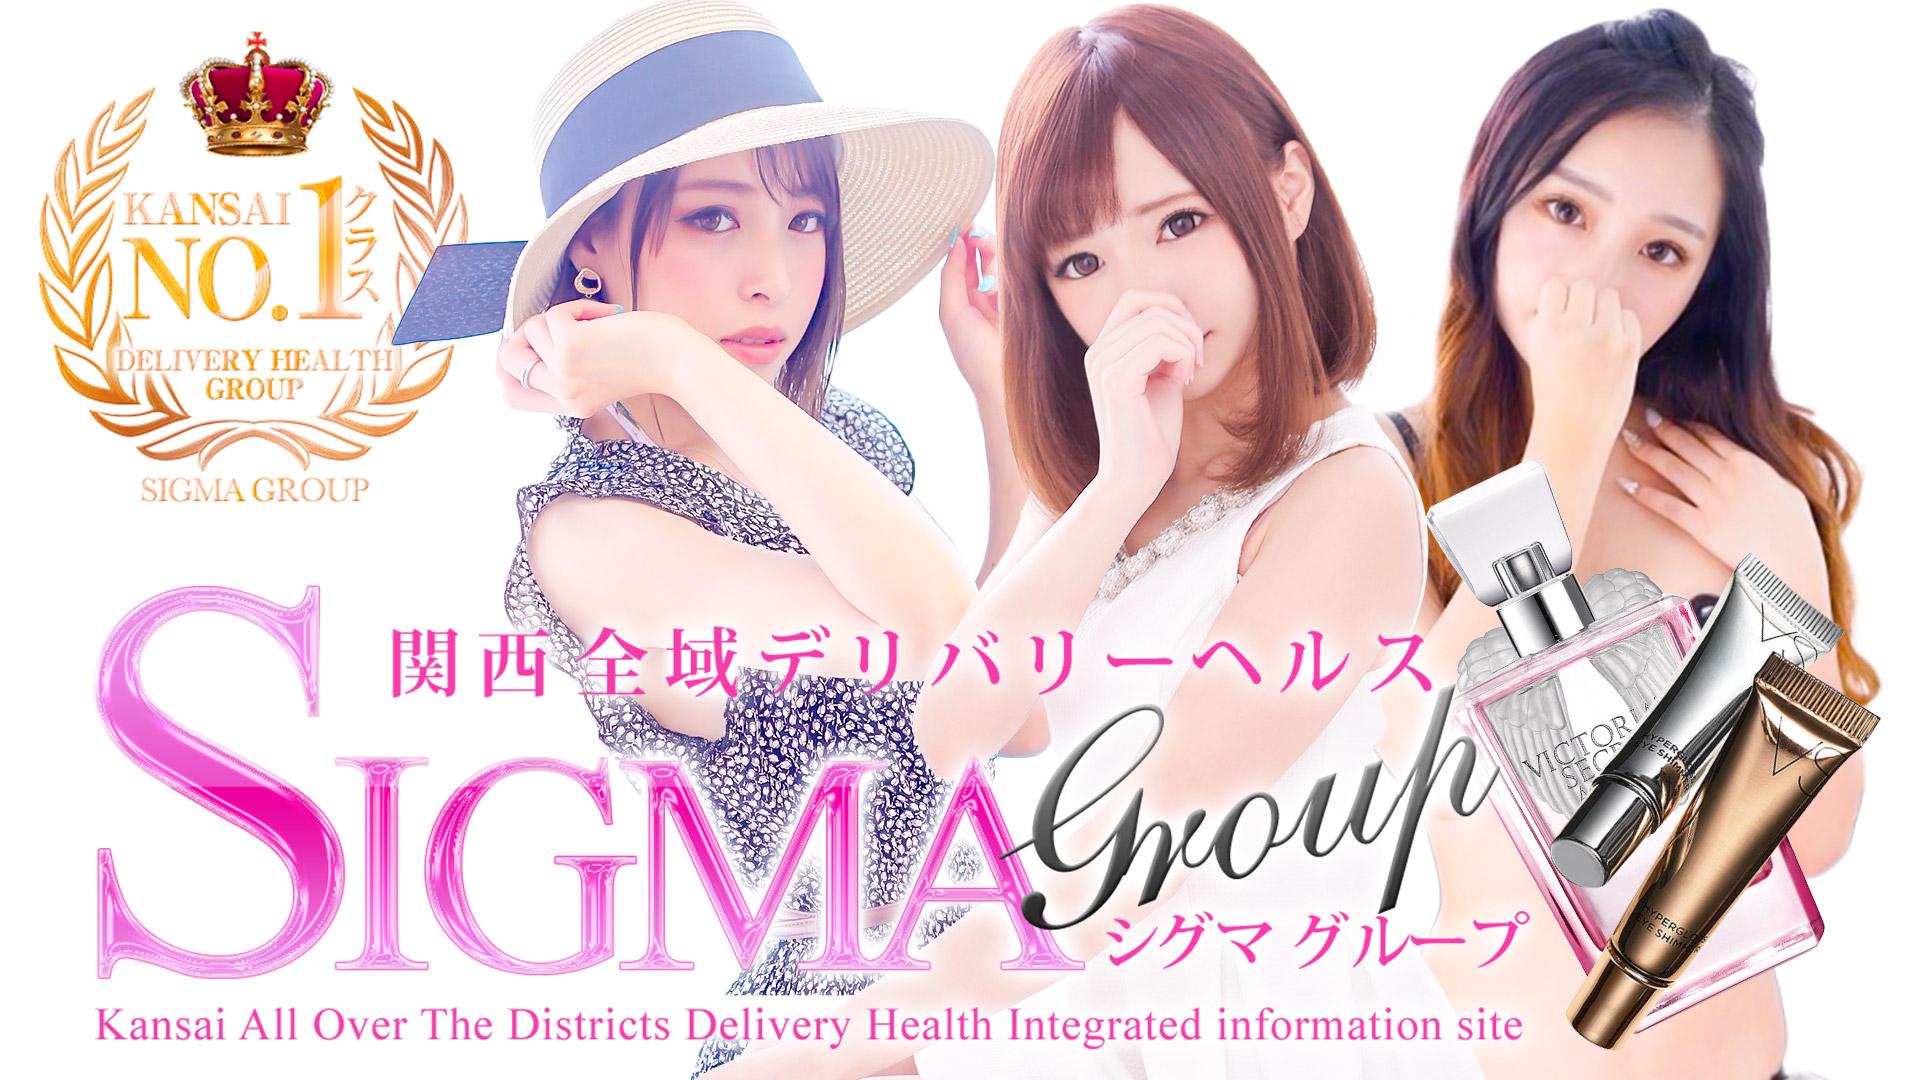 【広告】シグマグループ【KHN・グループコミュニティ】